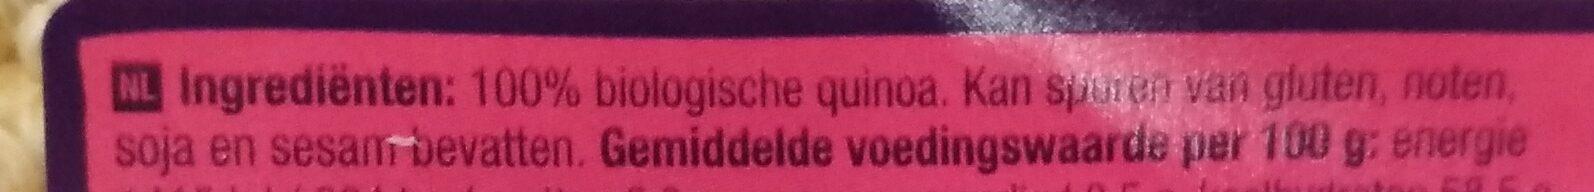 Gepofte Quinoa ongezoet - Ingrediënten - nl